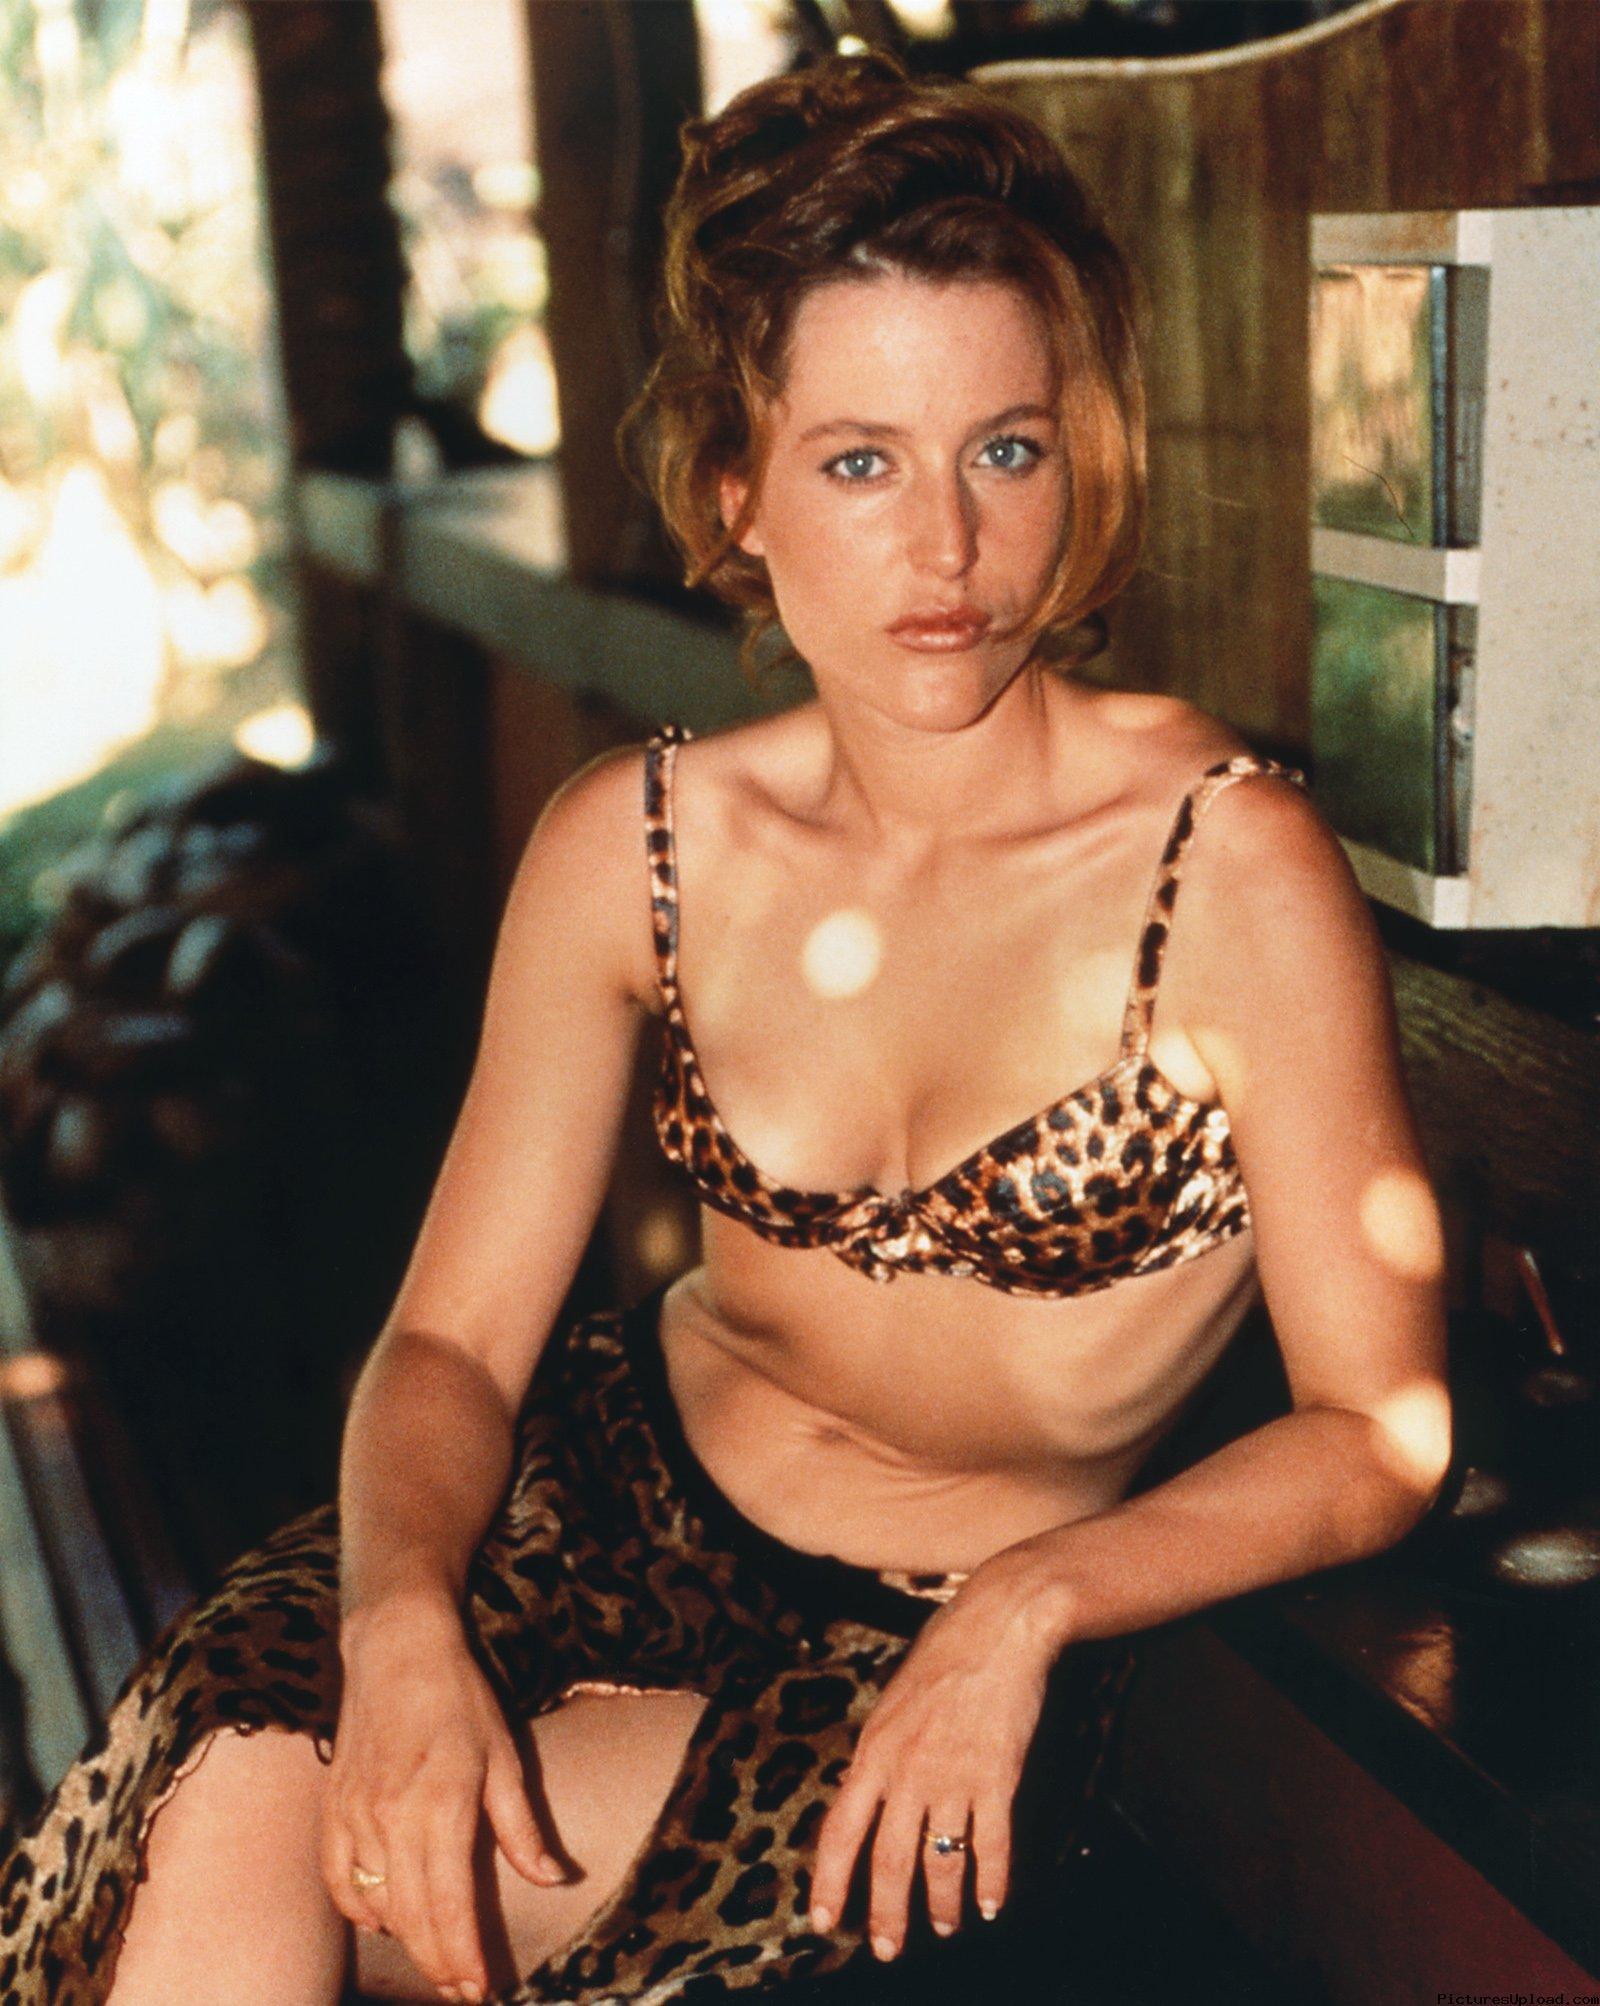 Сексуальная Джилиан Андерсон (Gillian Anderson). Смотреть фотки.